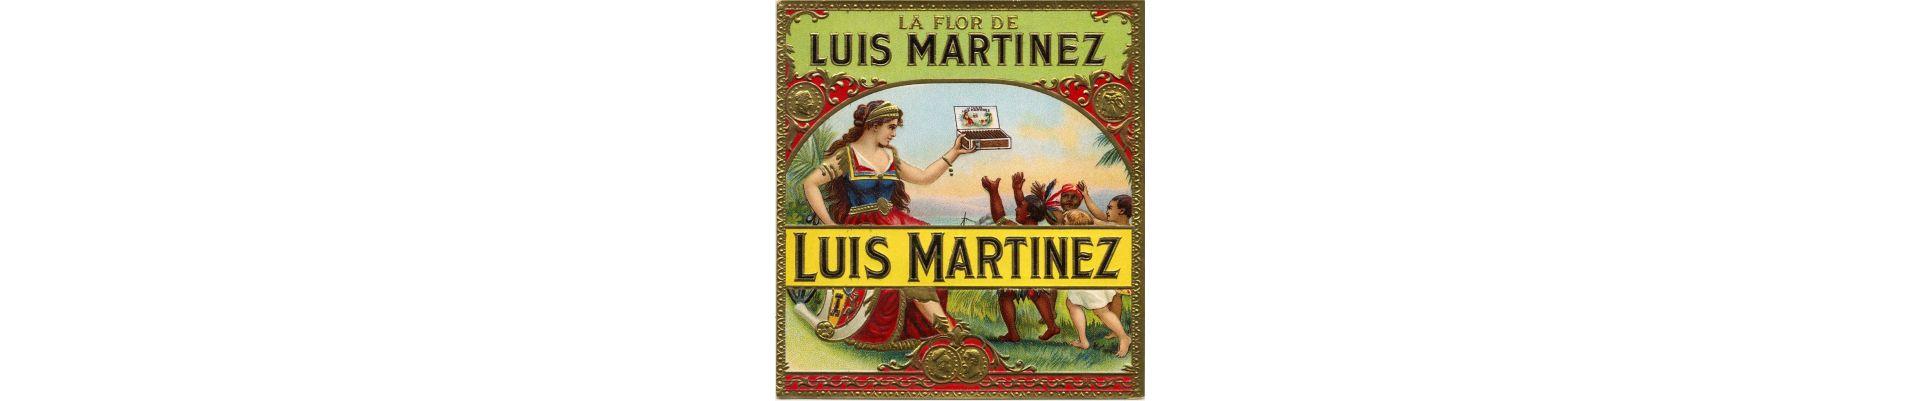 Magazin cu trabucuri Luis Martinez de vanzare.Cumpar trabucuri ieftine